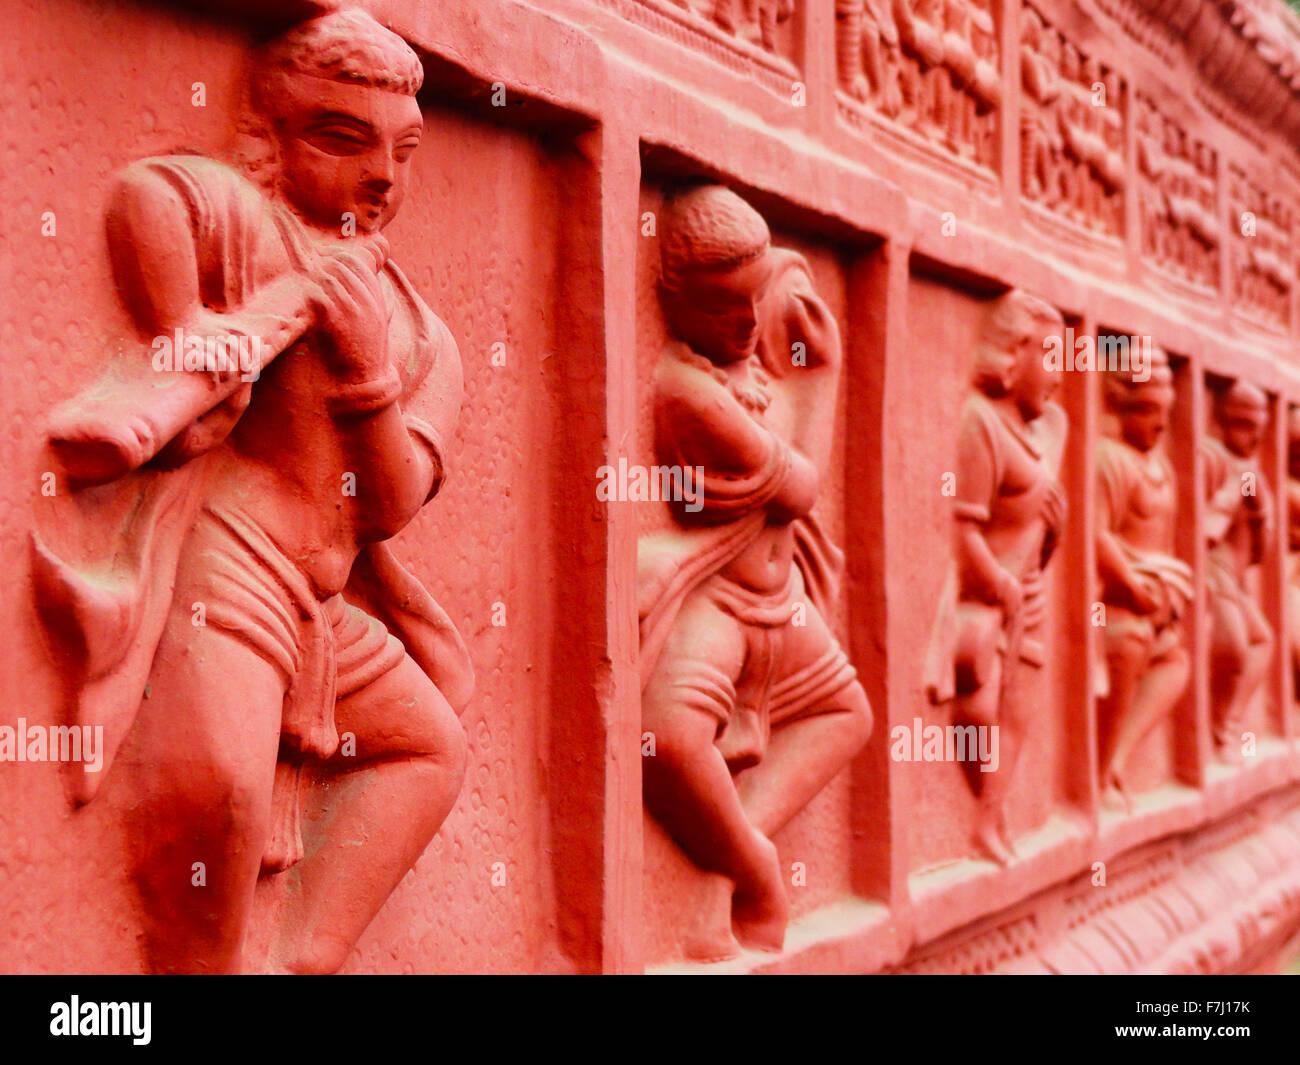 Sculture sulla parete, alla Fiera Surajkund, Haryana, India Immagini Stock